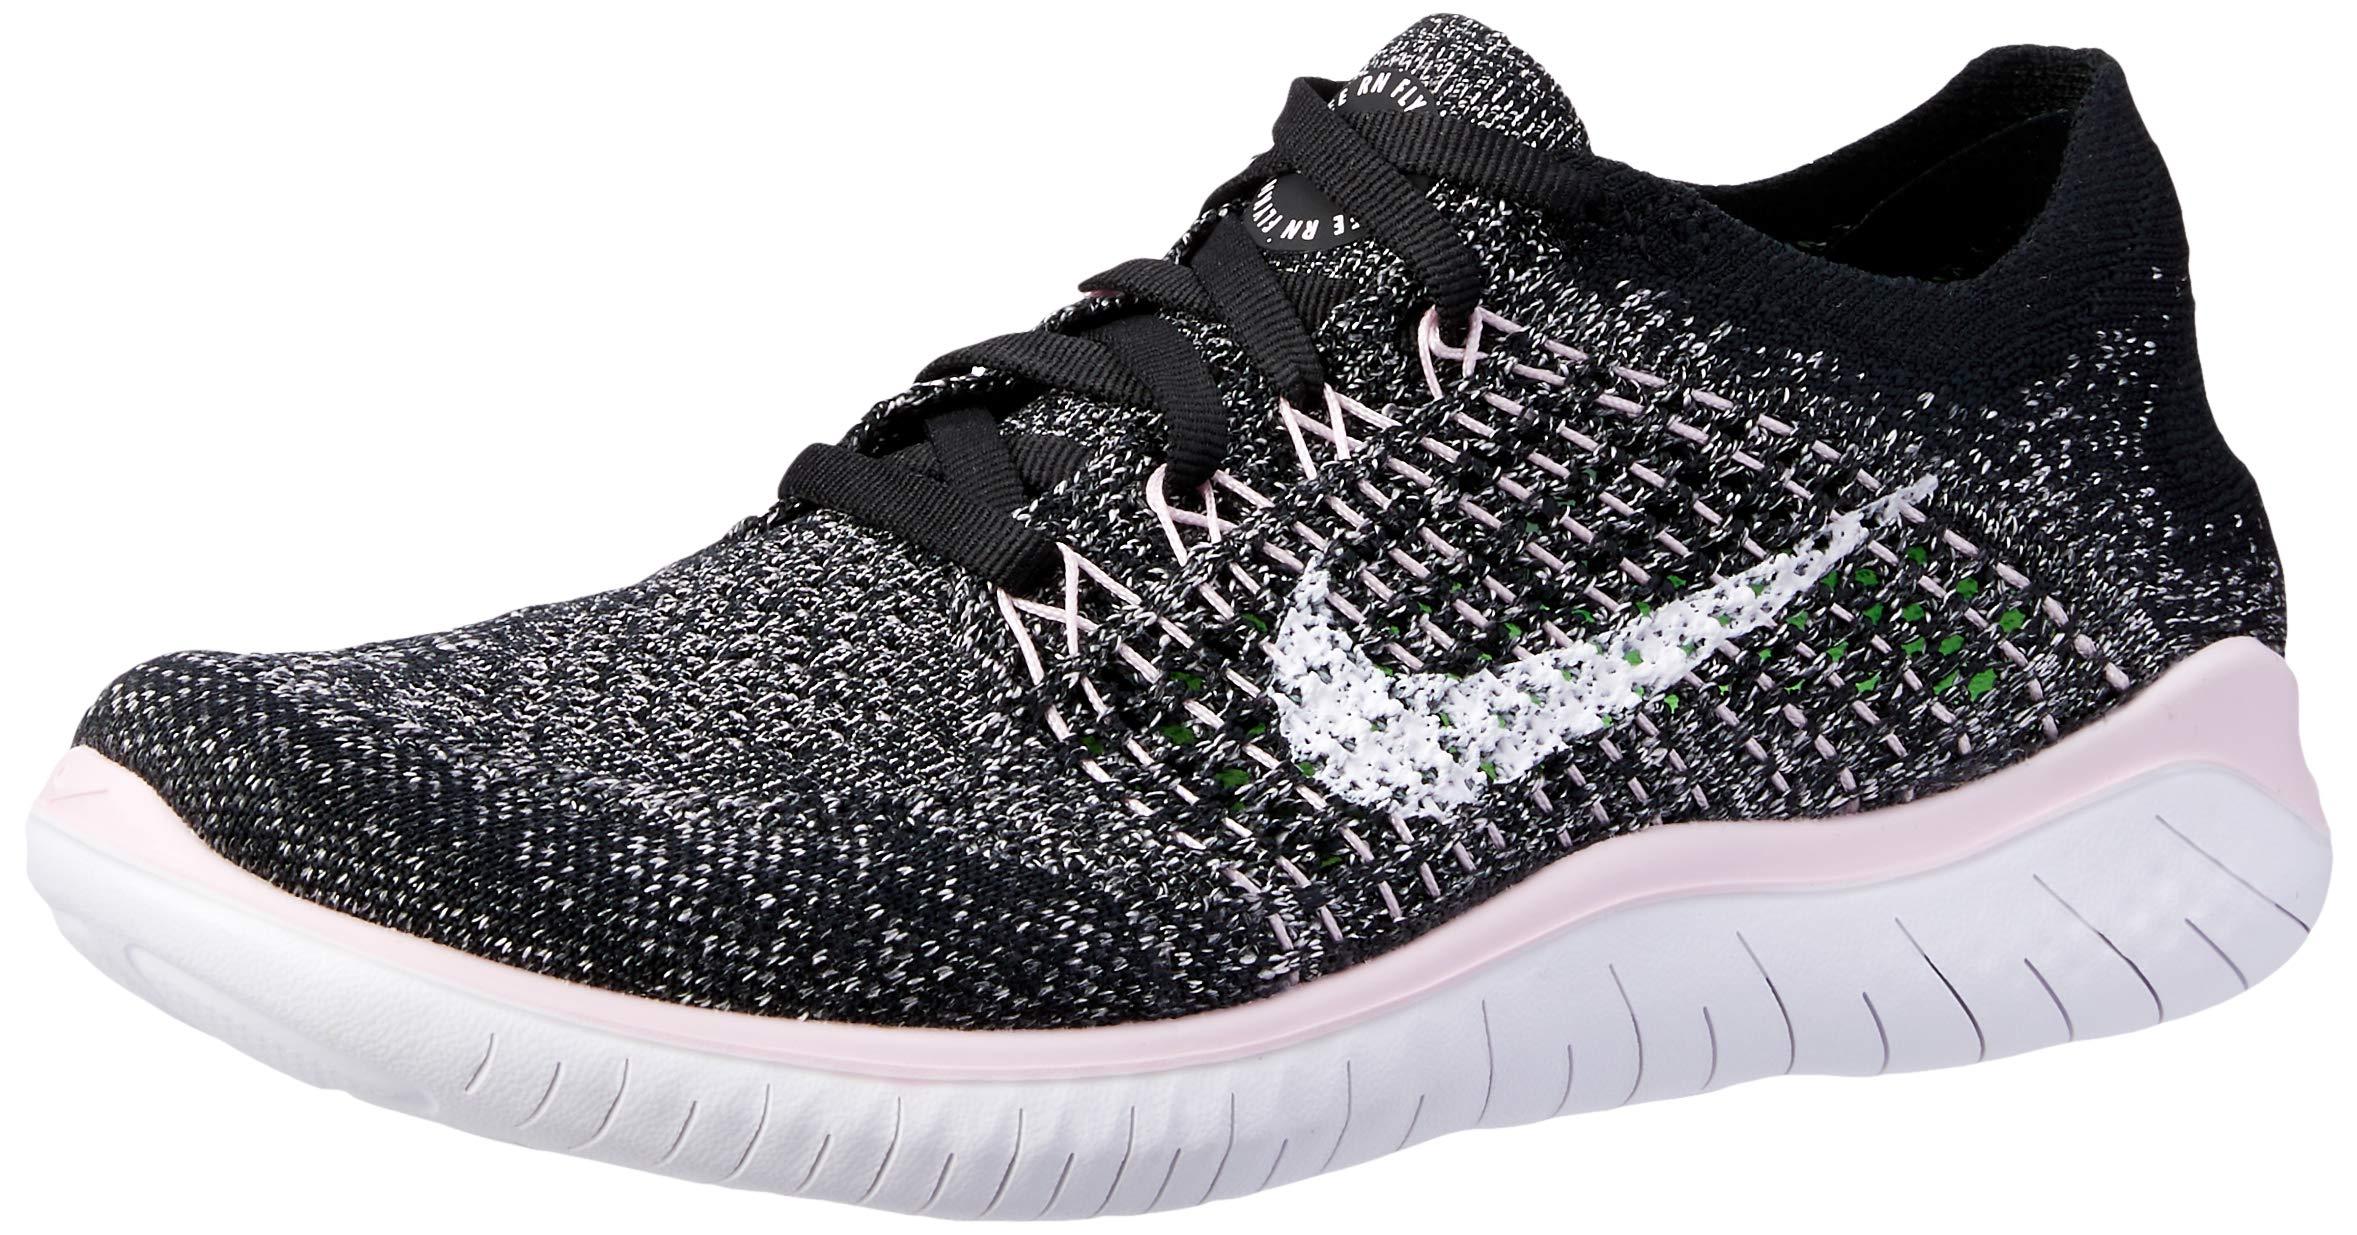 buy online 1625d b4d17 Nike Free RN Flyknit 2018 Women's Running Shoe Black/White-Pink Foam 9.5